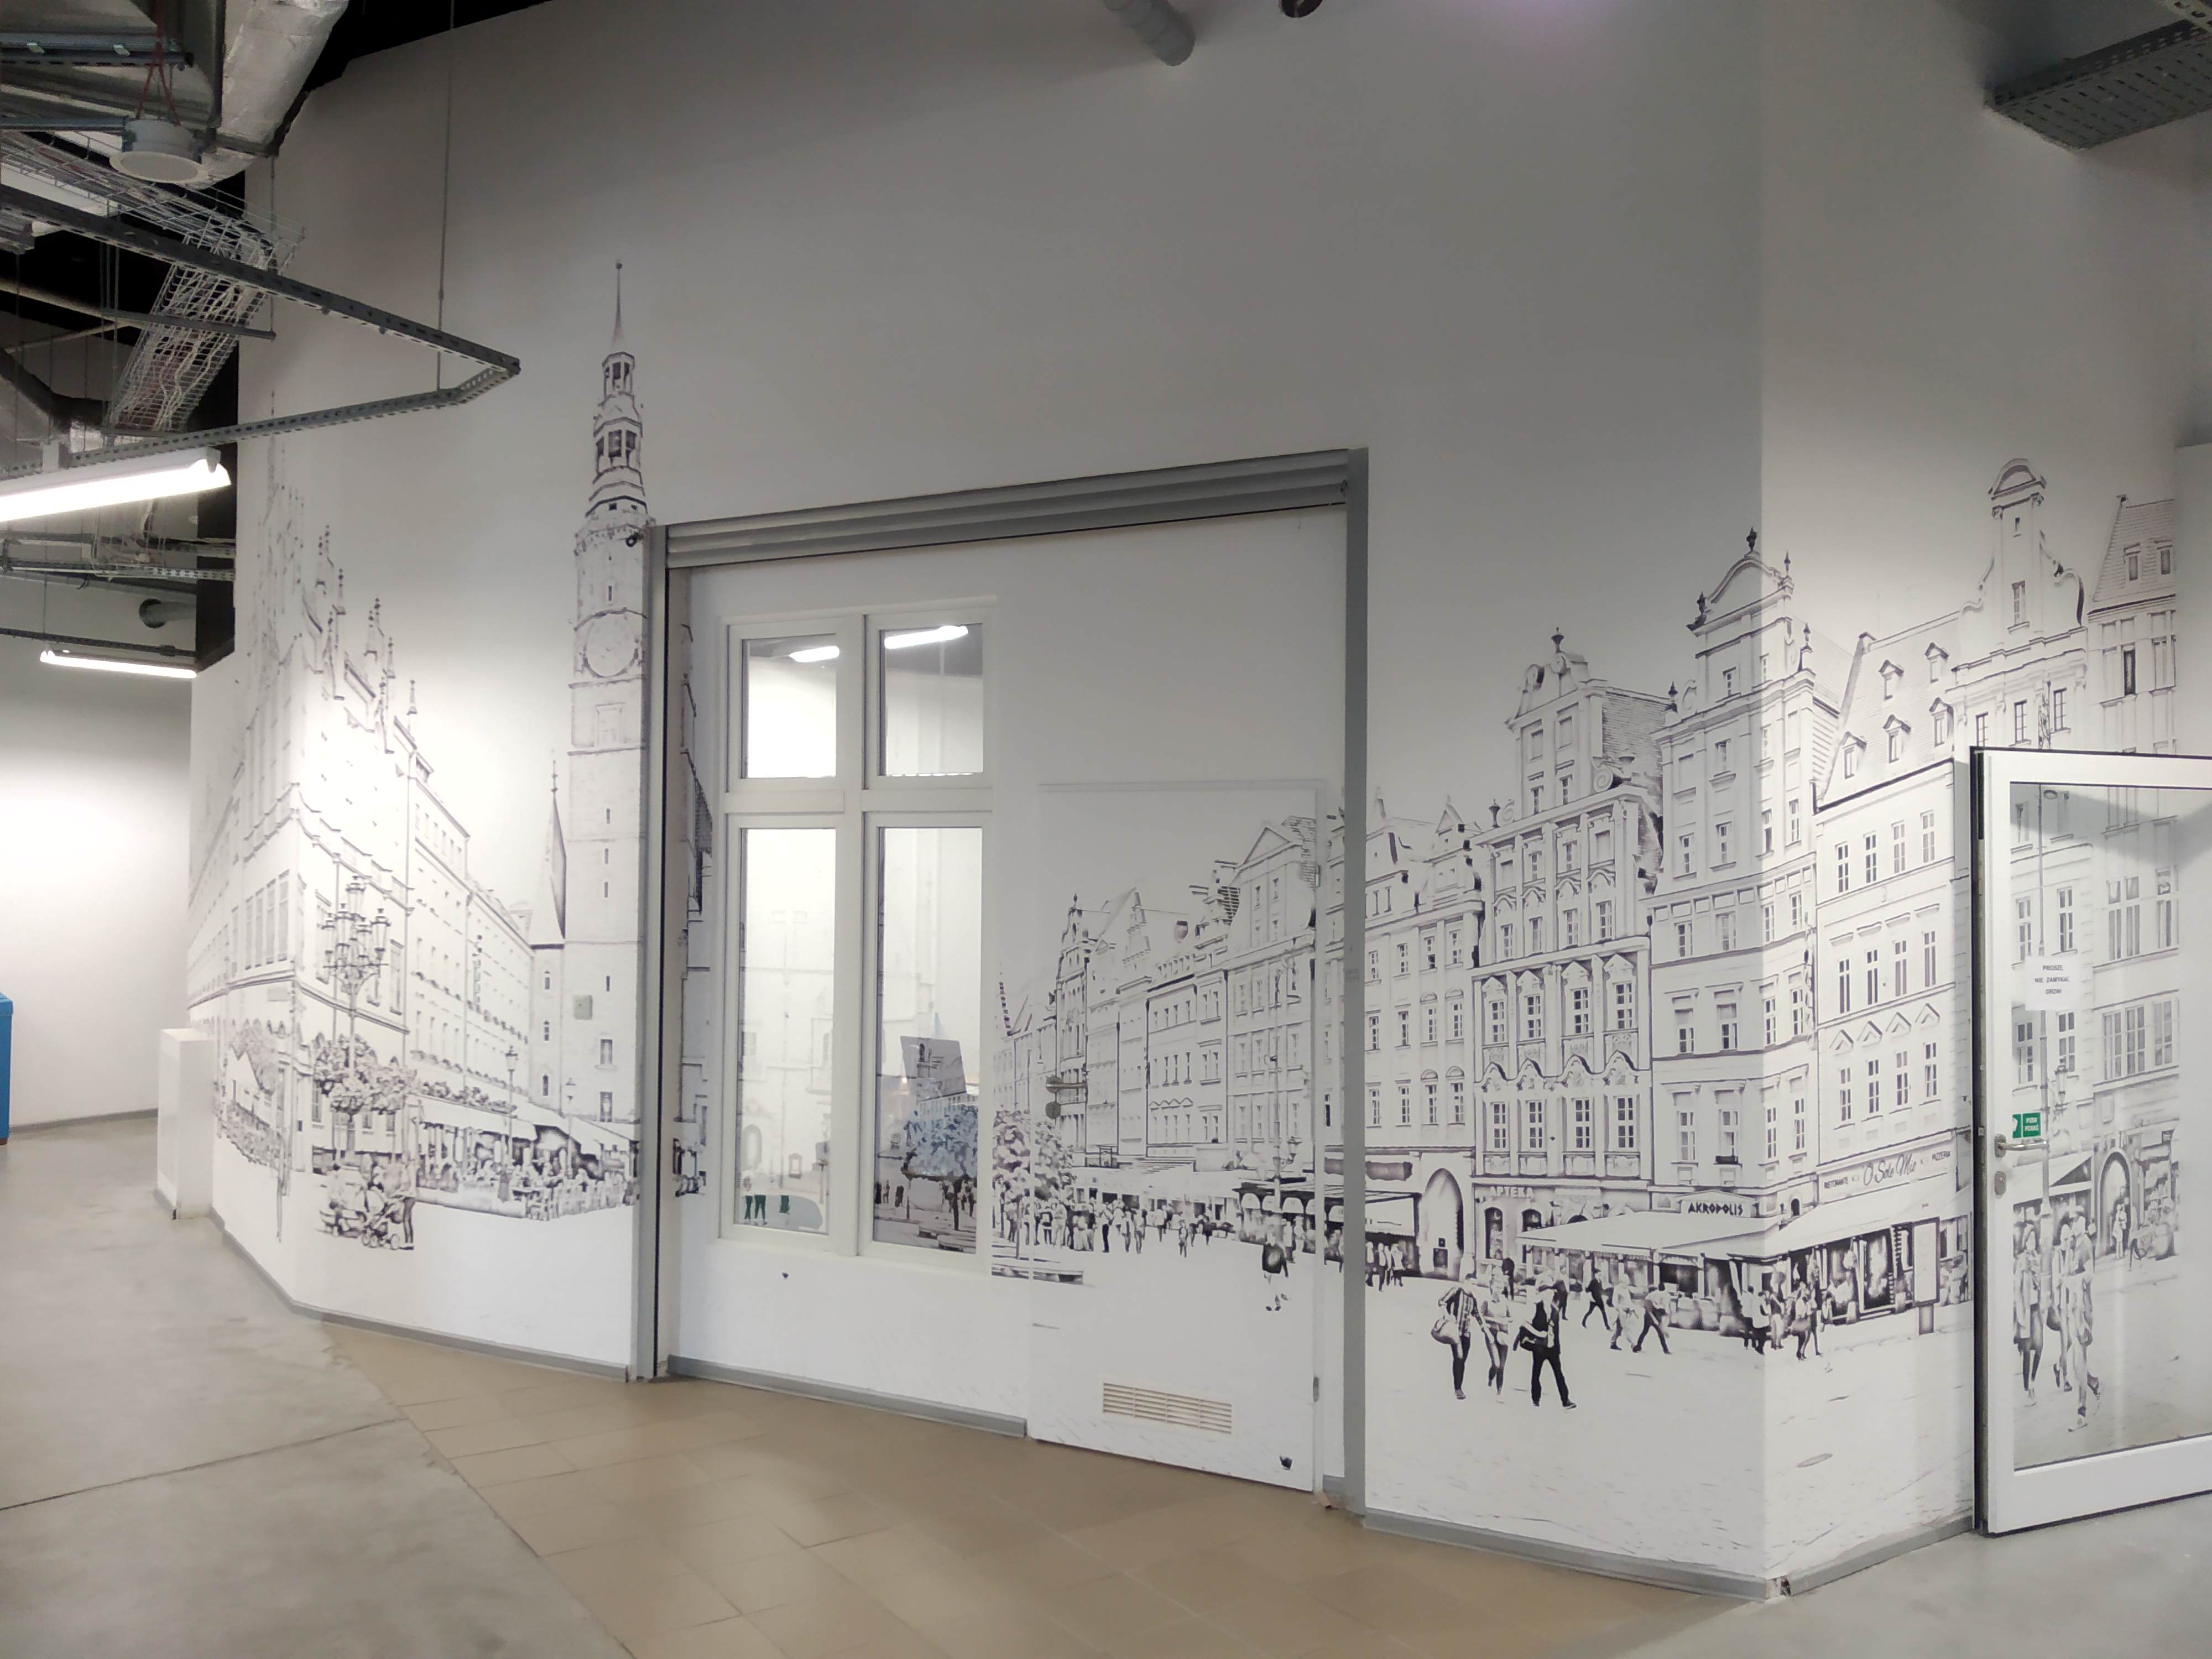 realizacja-fototapety-dla-wroclawskie-mieszkania14.jpg